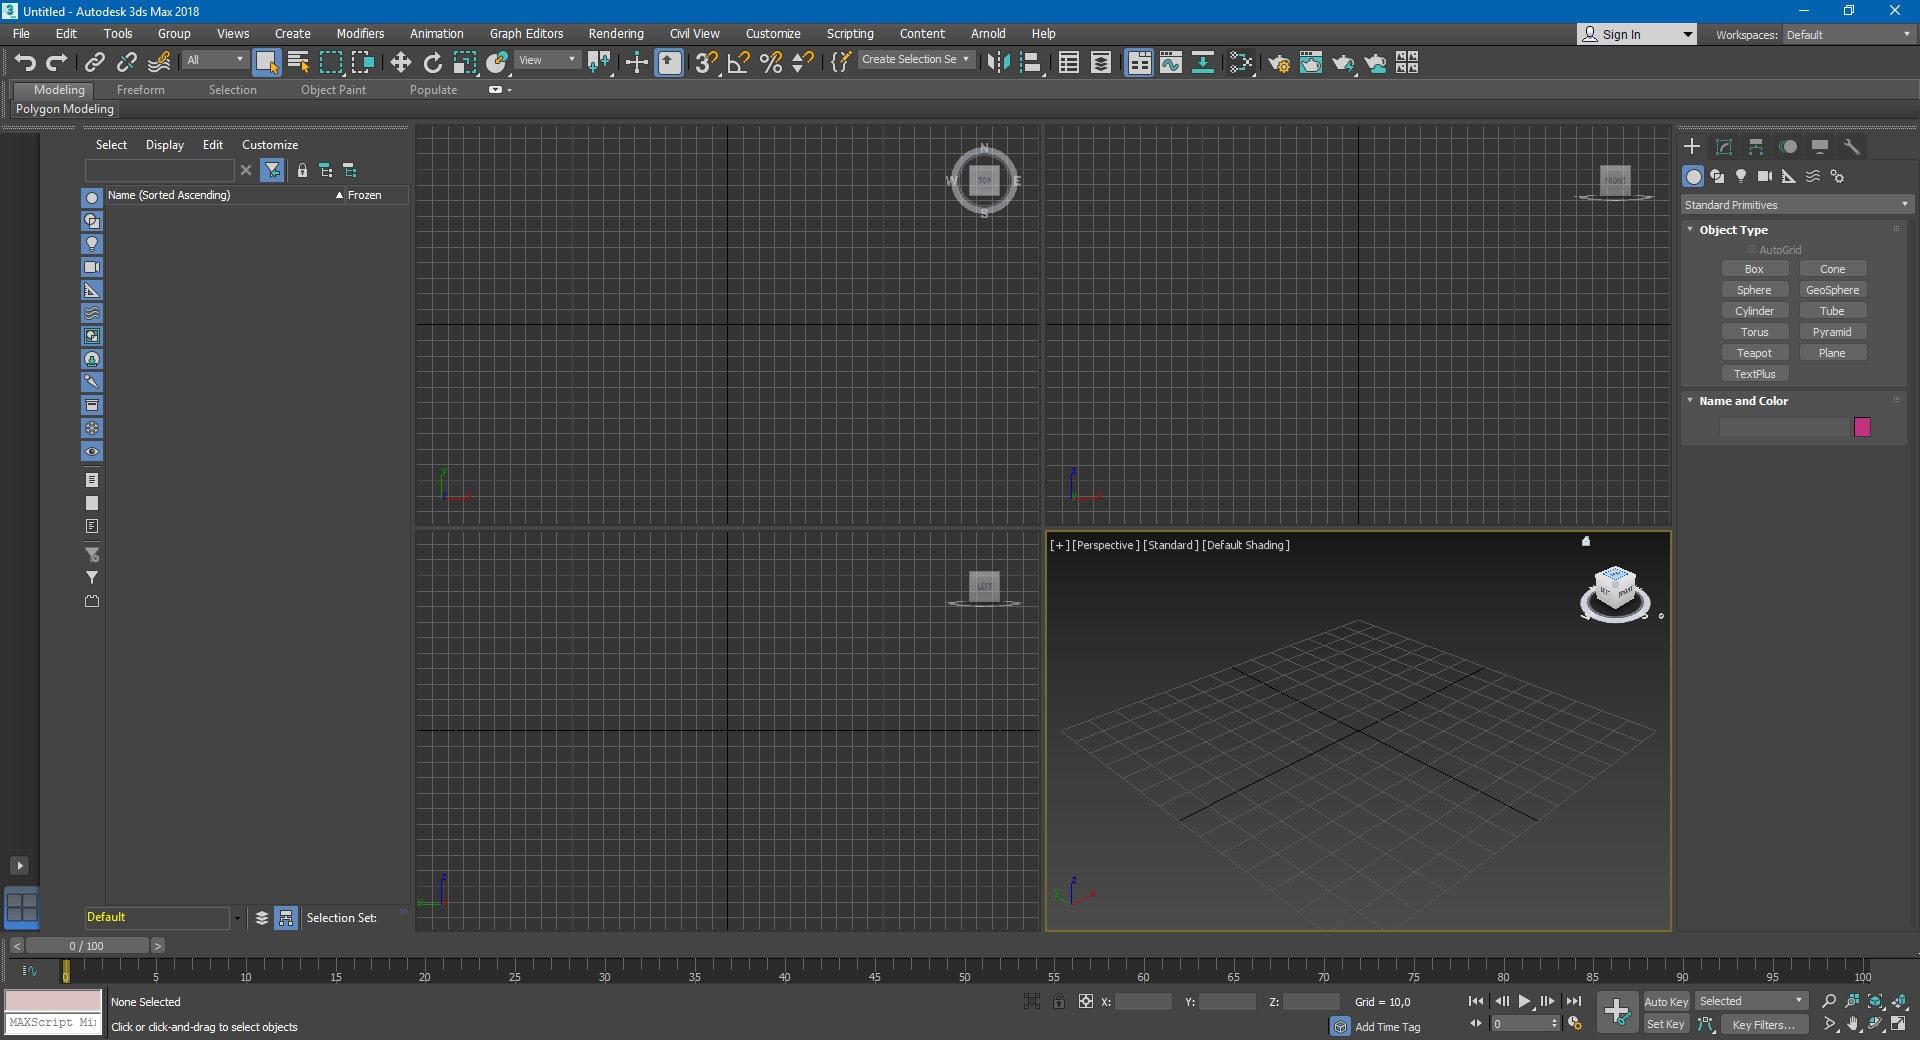 Создание проекта в программе 3Ds Max 2019